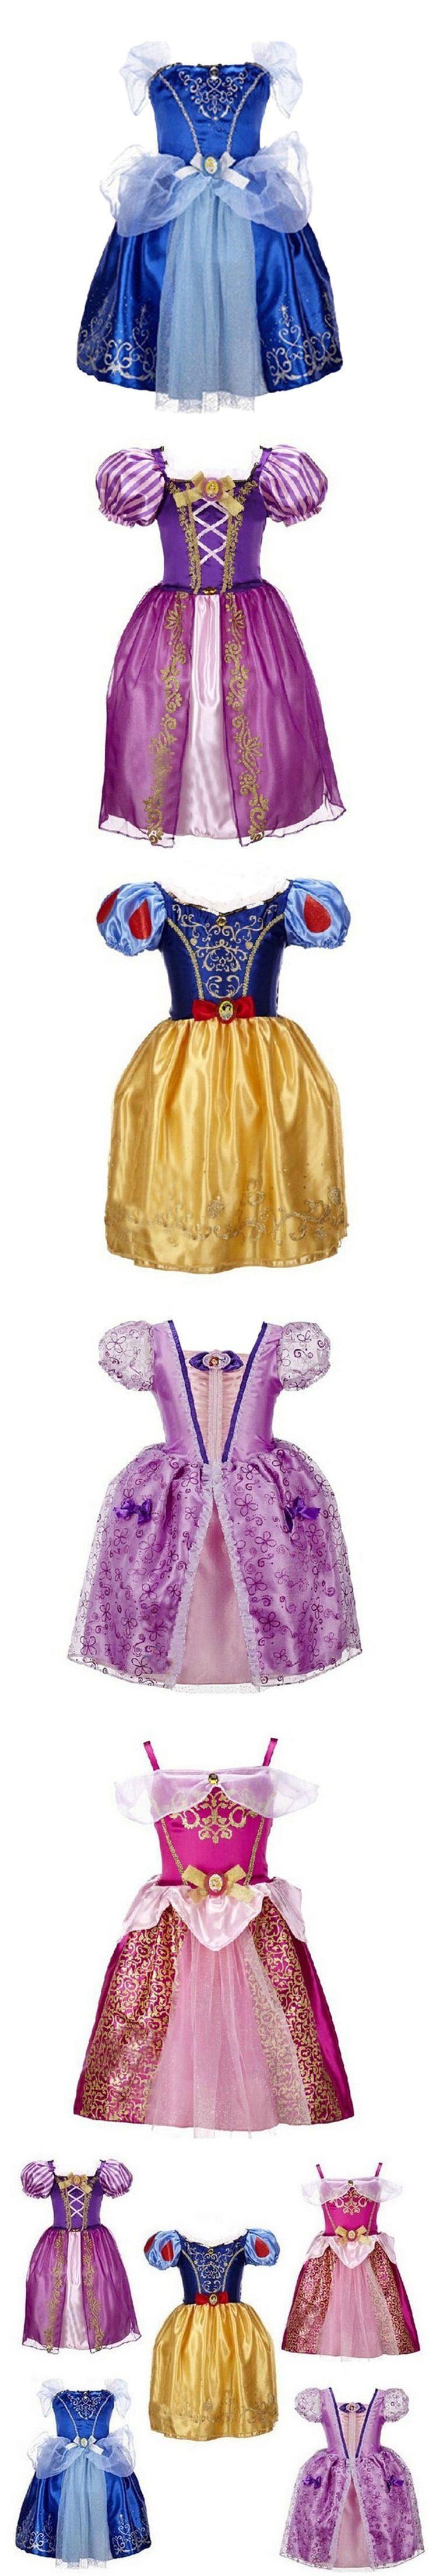 Best 25+ Aurora costume ideas on Pinterest | Princess aurora ...